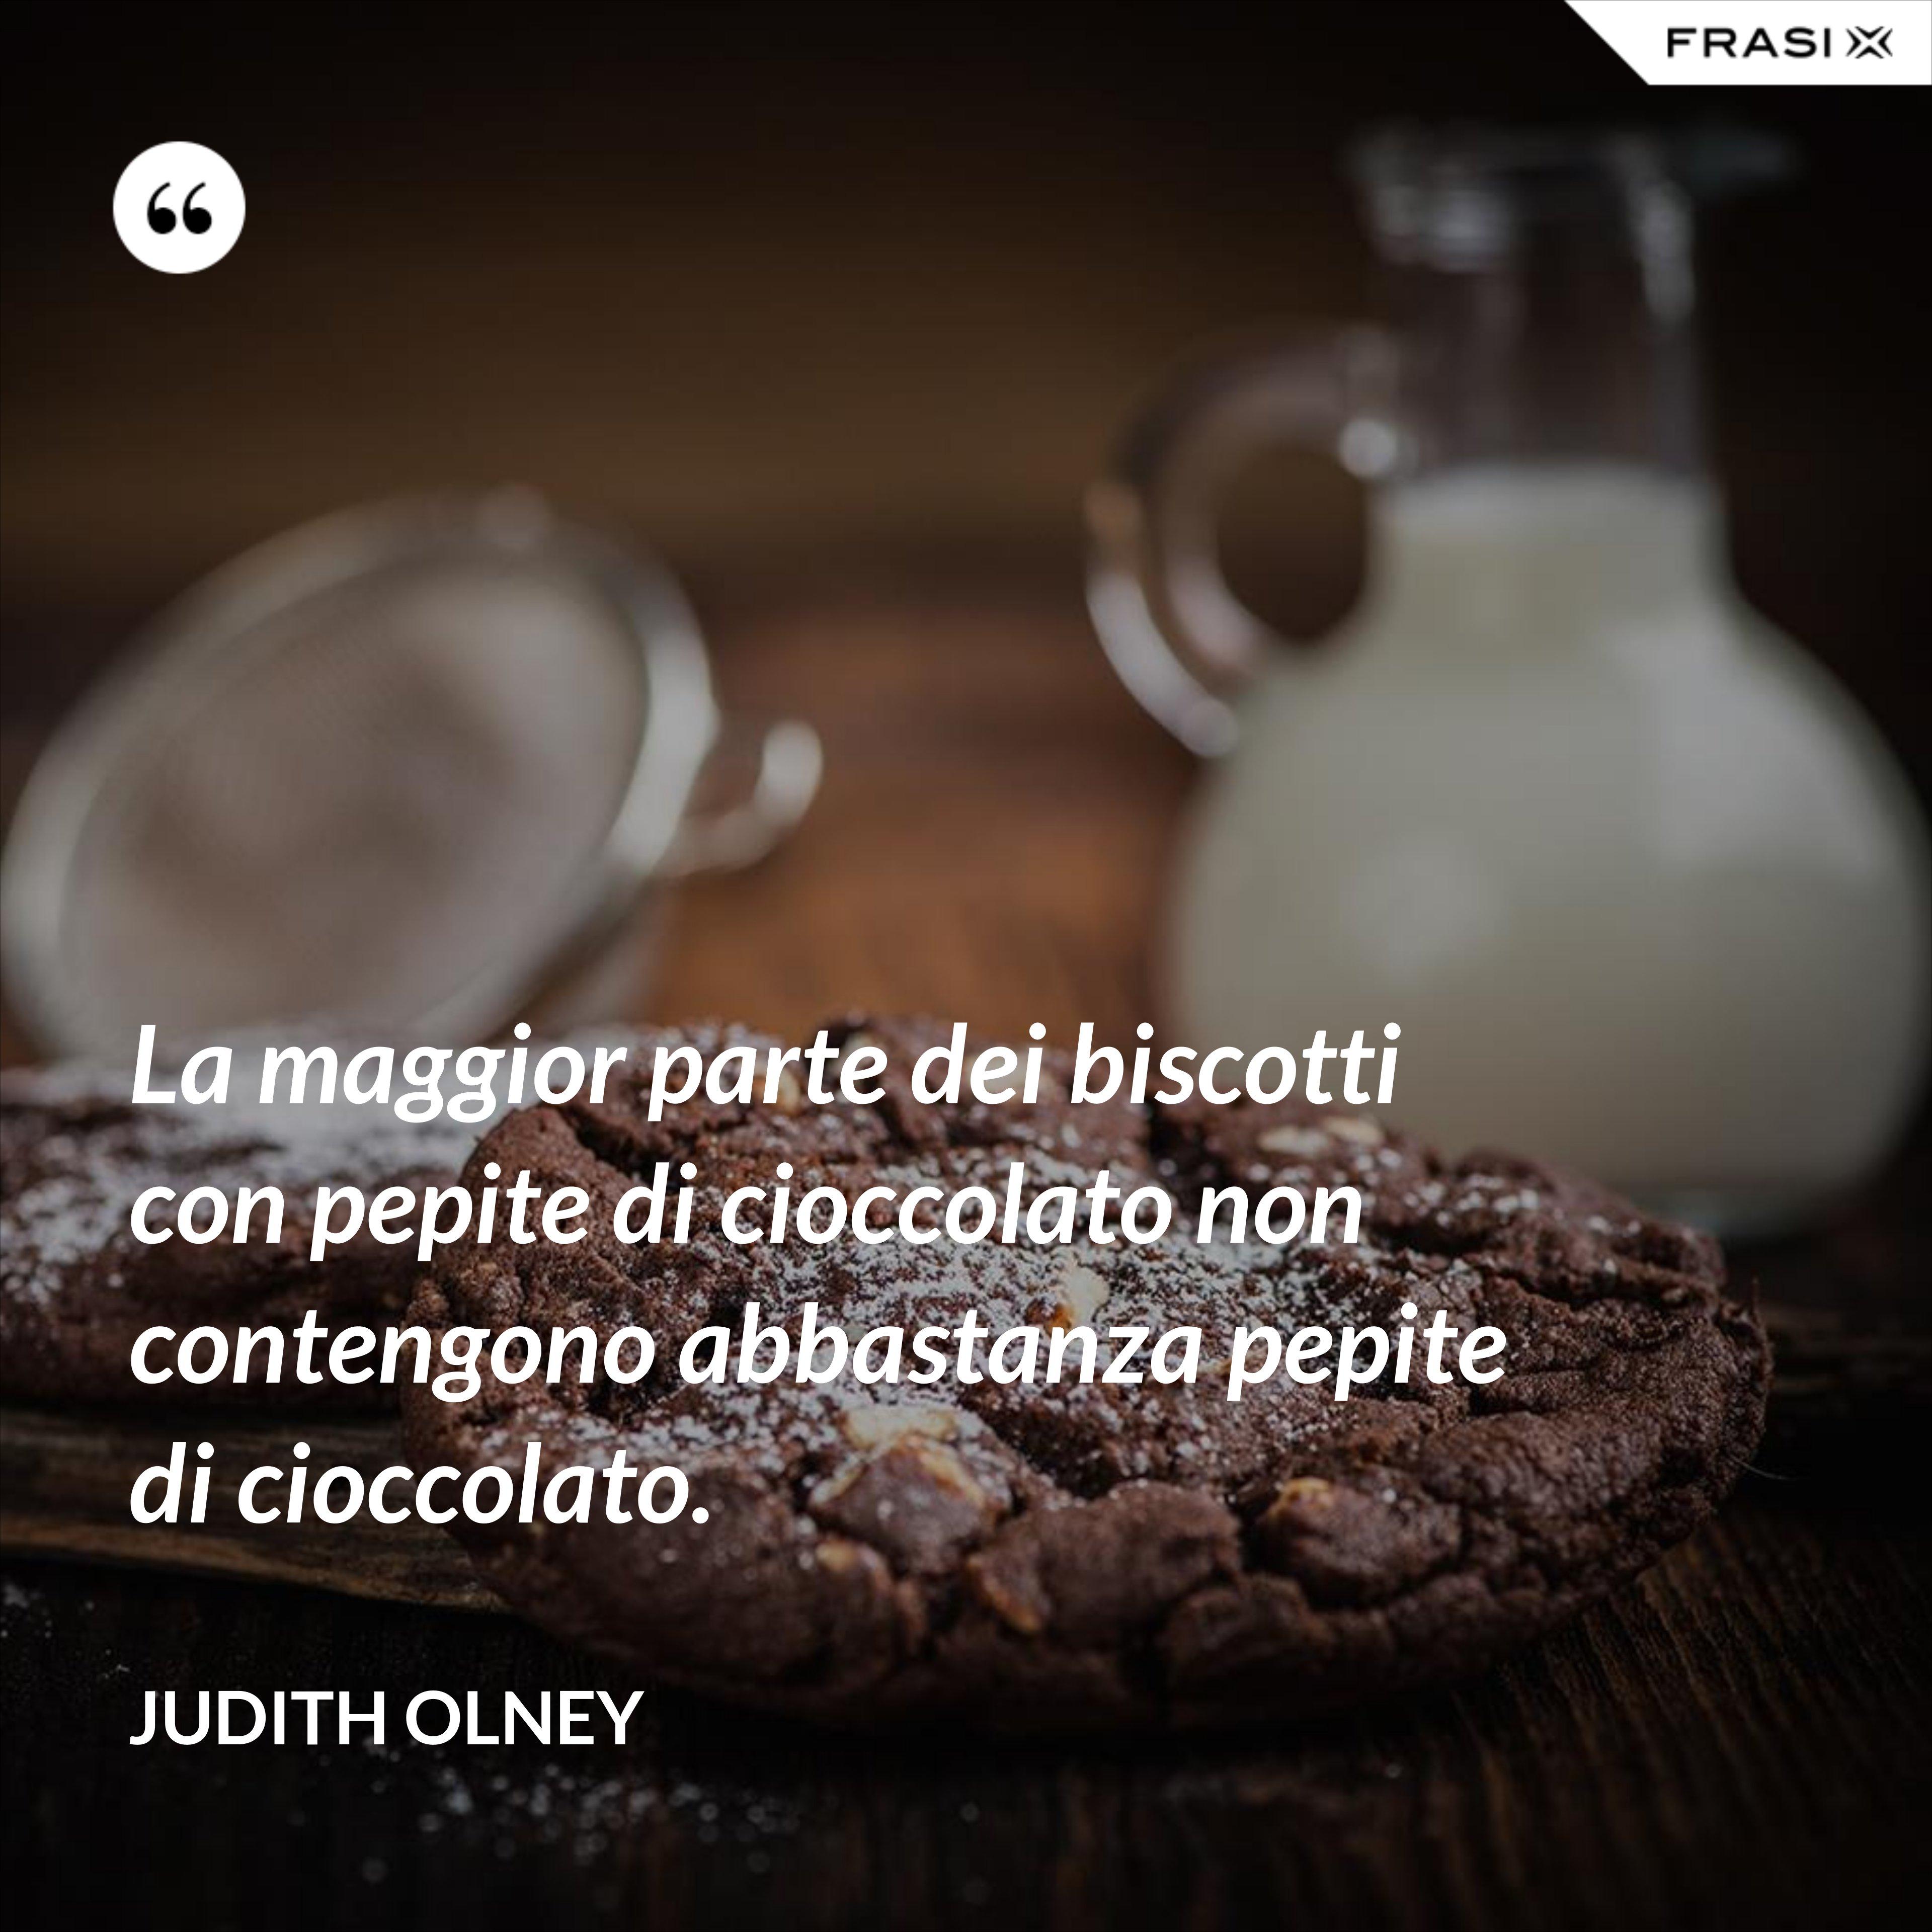 La maggior parte dei biscotti con pepite di cioccolato non contengono abbastanza pepite di cioccolato. - Judith Olney